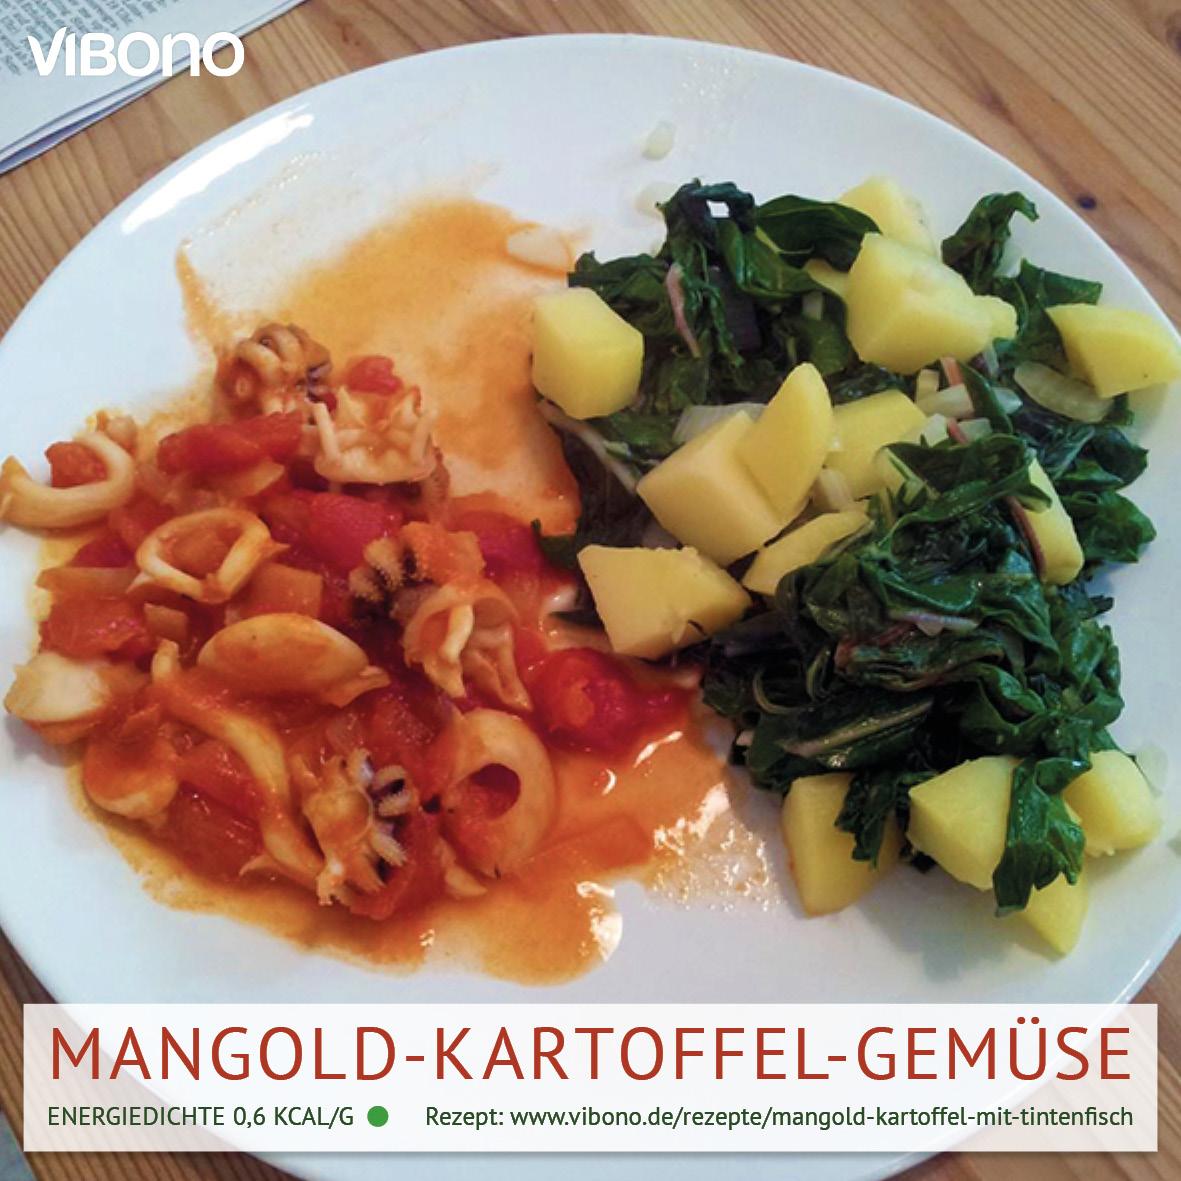 Mangold-Kartoffel-Gemüse mit Tintenfisch in Tomatensud